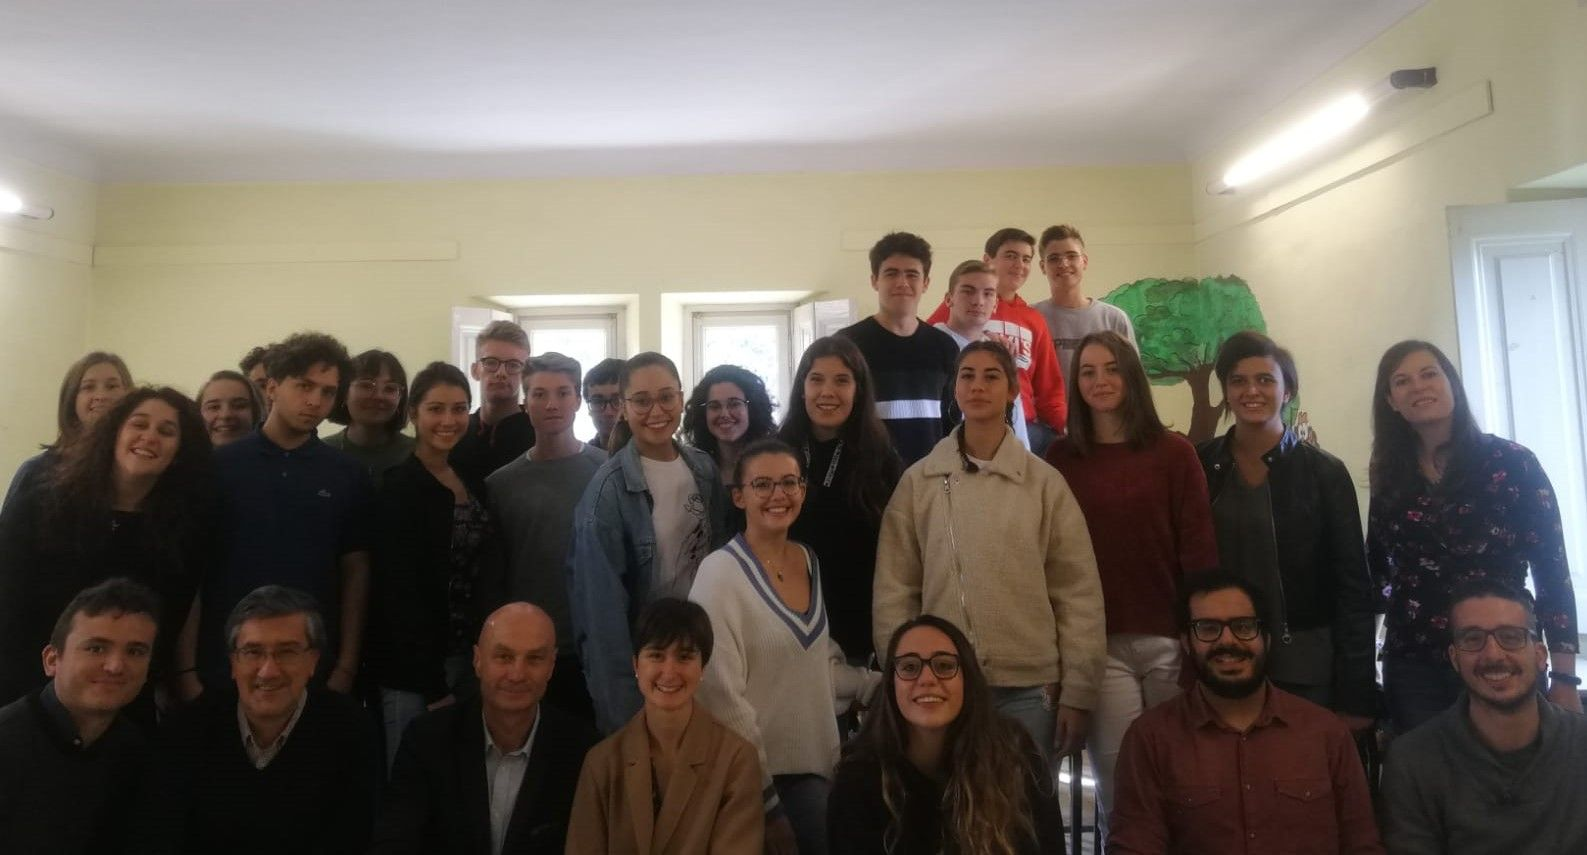 RIVAROLO - Riparte il corso di preparazione ai test di ammissione alle facoltà a numero chiuso dell'Area Sanitaria